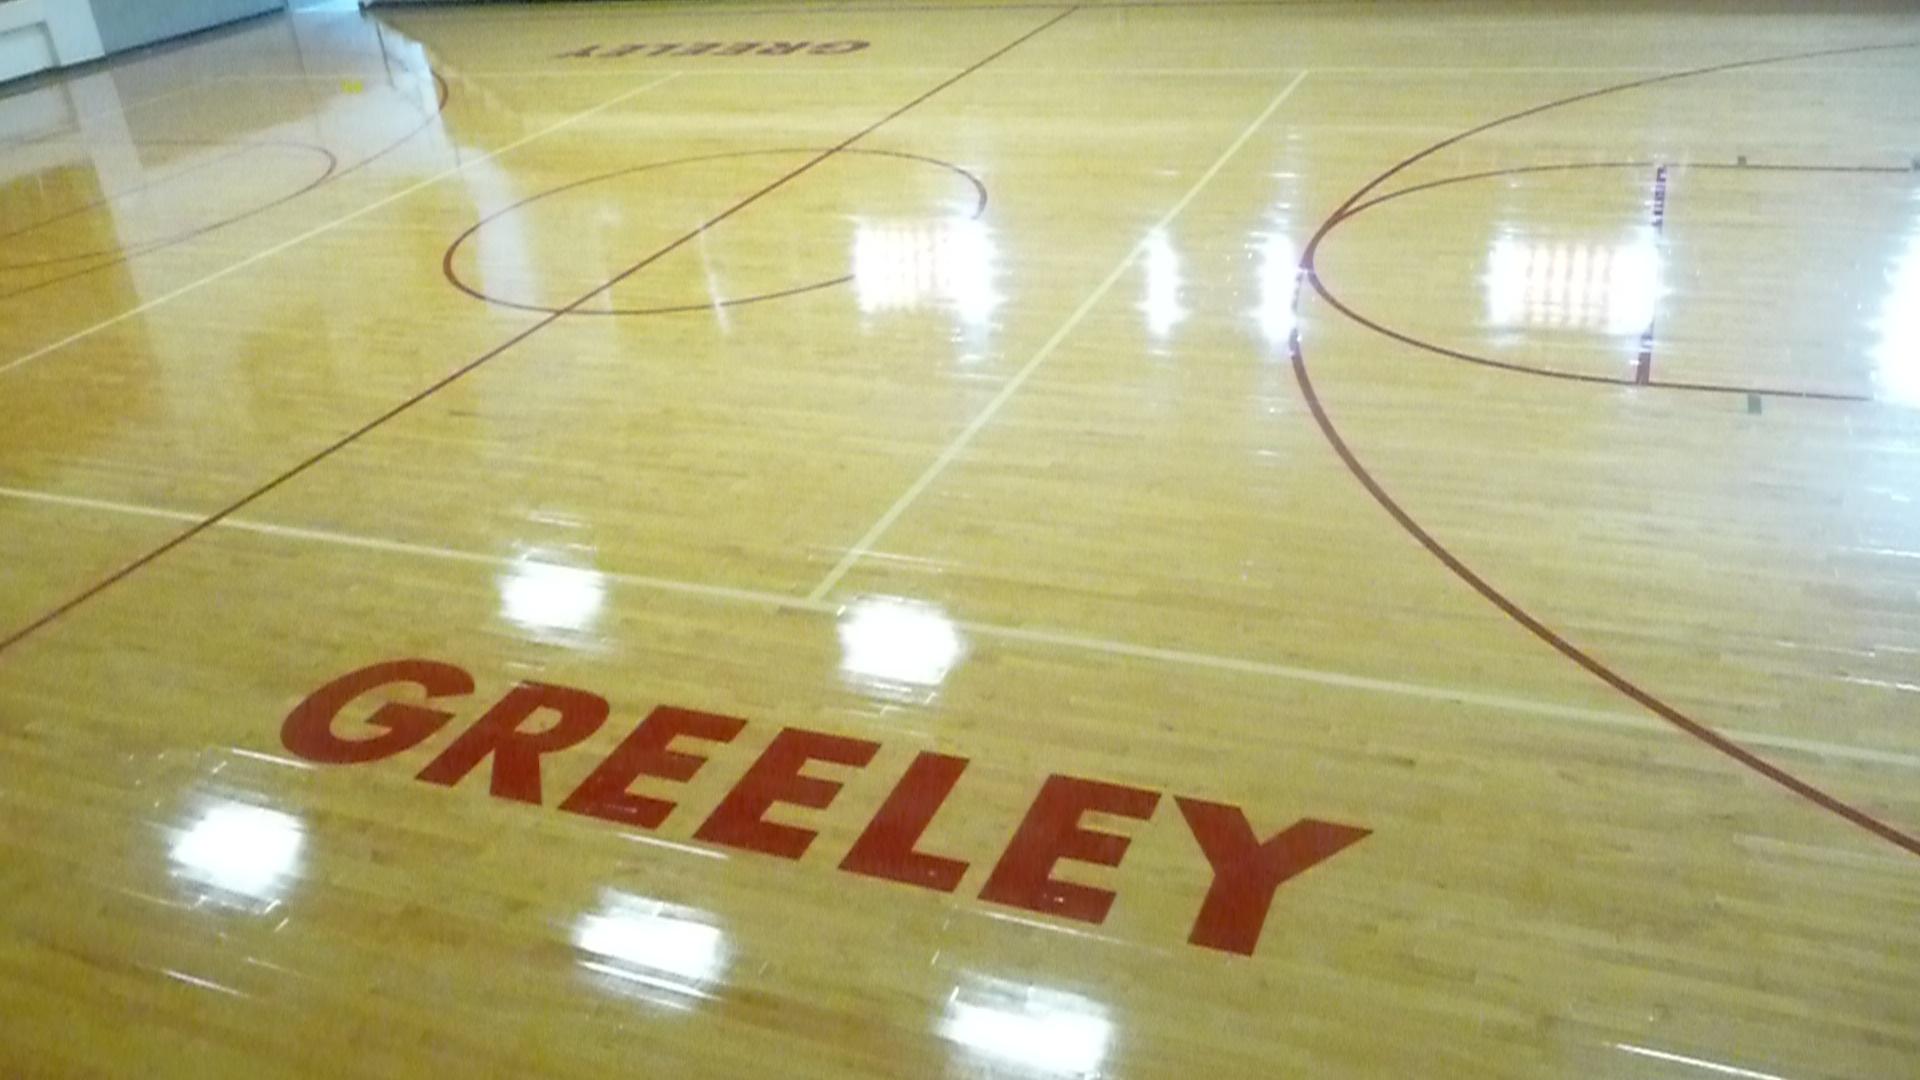 Greeley Gym Floor